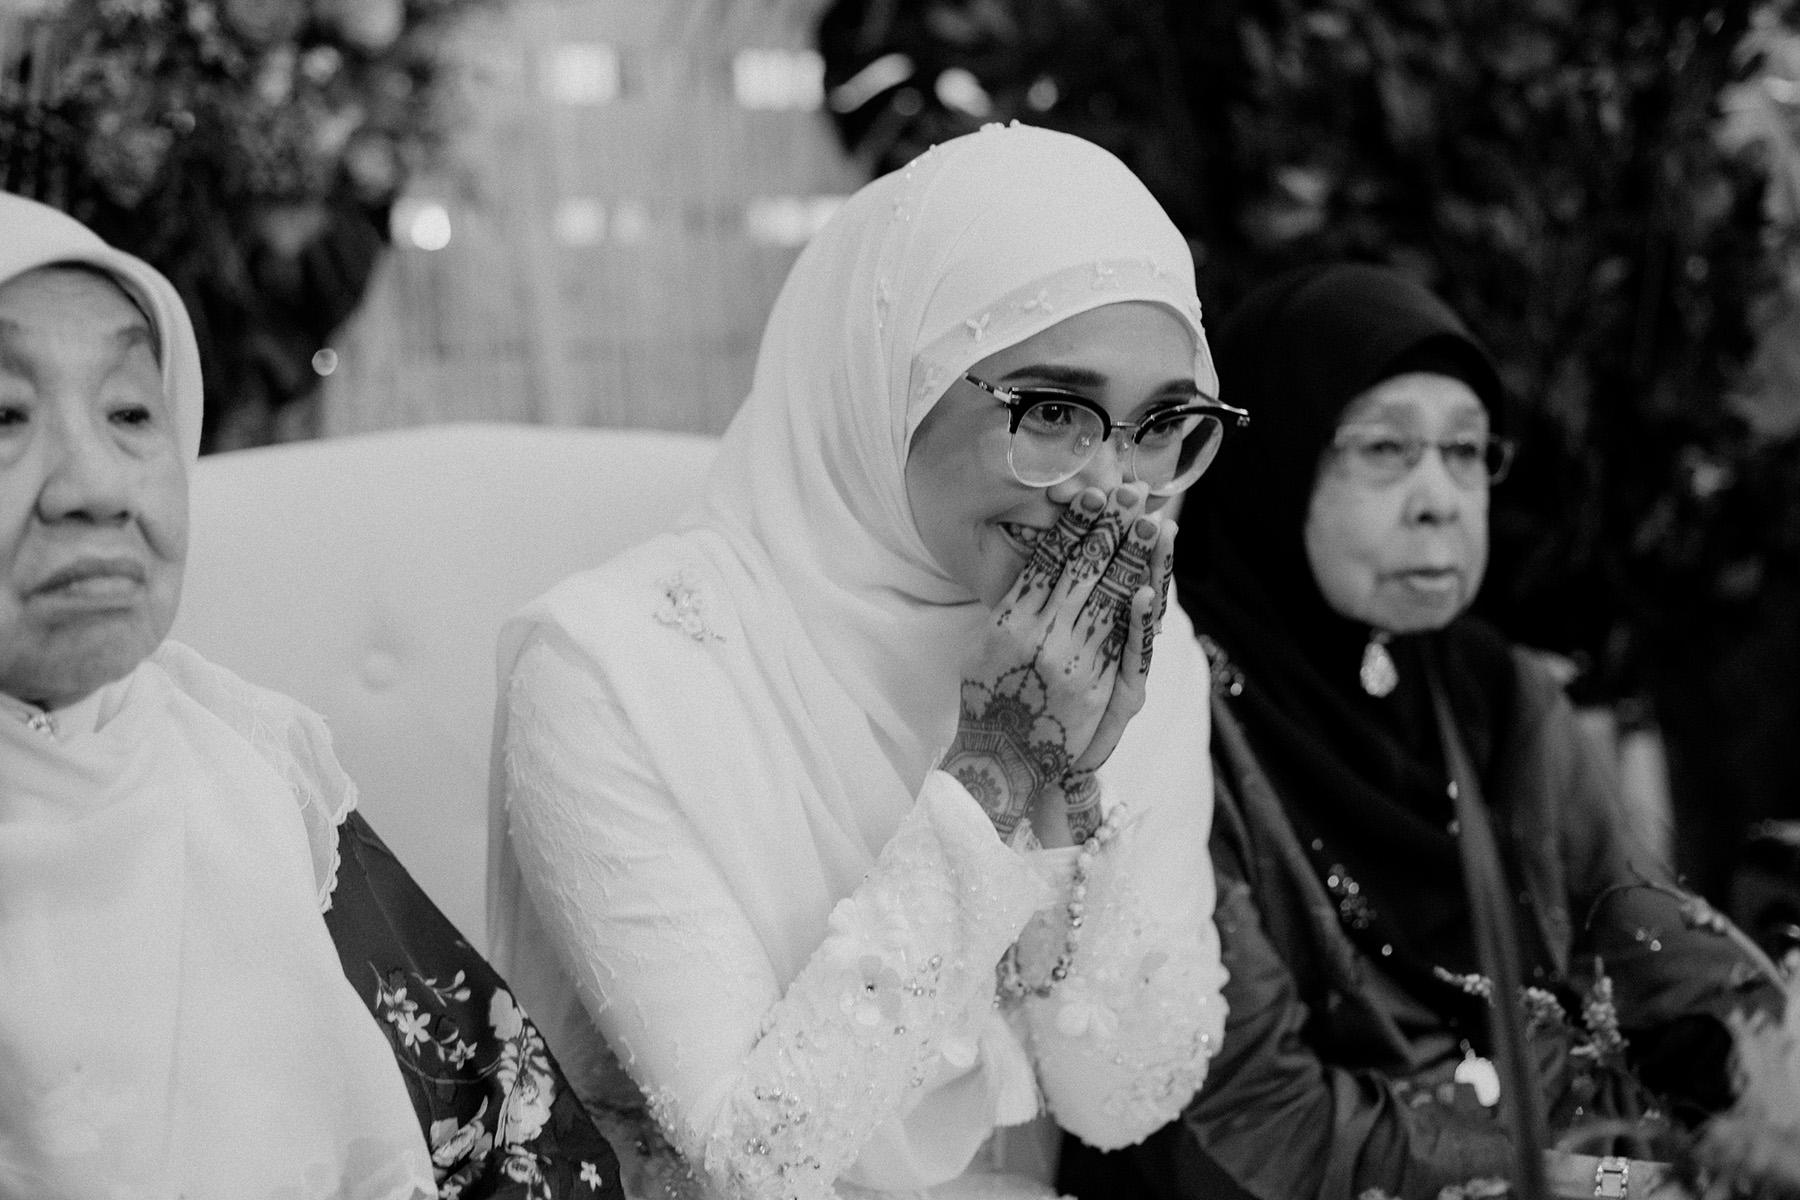 singapore-wedding-photographer-wemadethese-bw-038.jpg